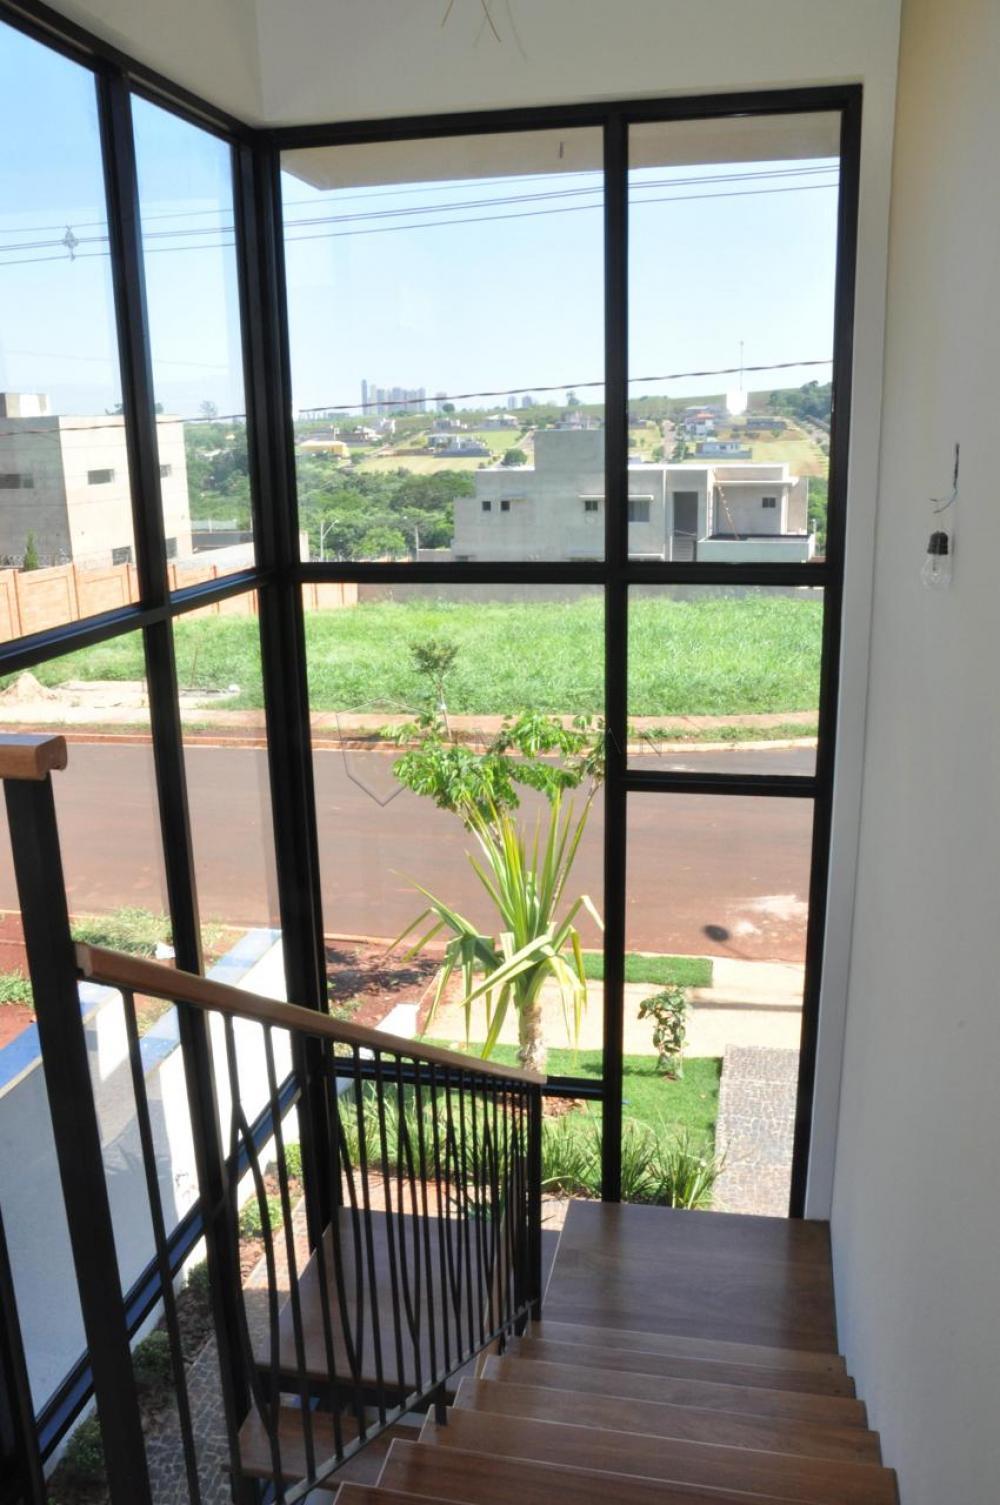 Comprar Casa / Condomínio em Bonfim Paulista apenas R$ 765.000,00 - Foto 14